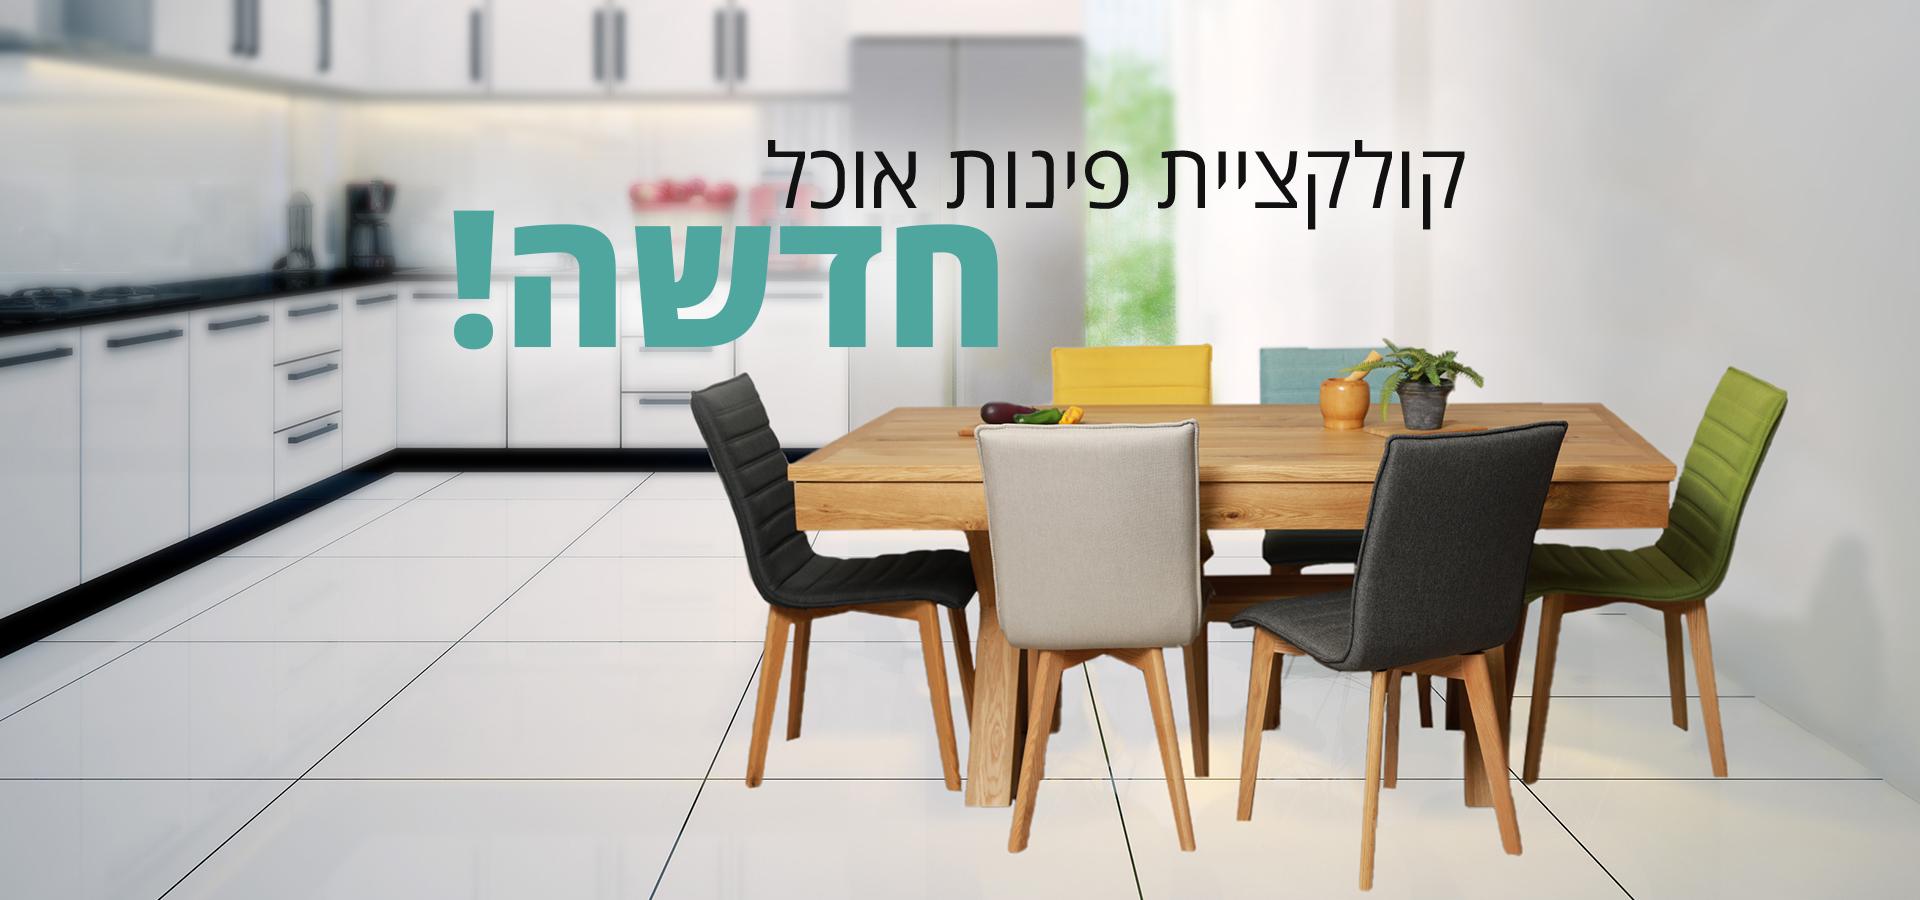 פינות אוכל מרשימות בכהן רהיטים